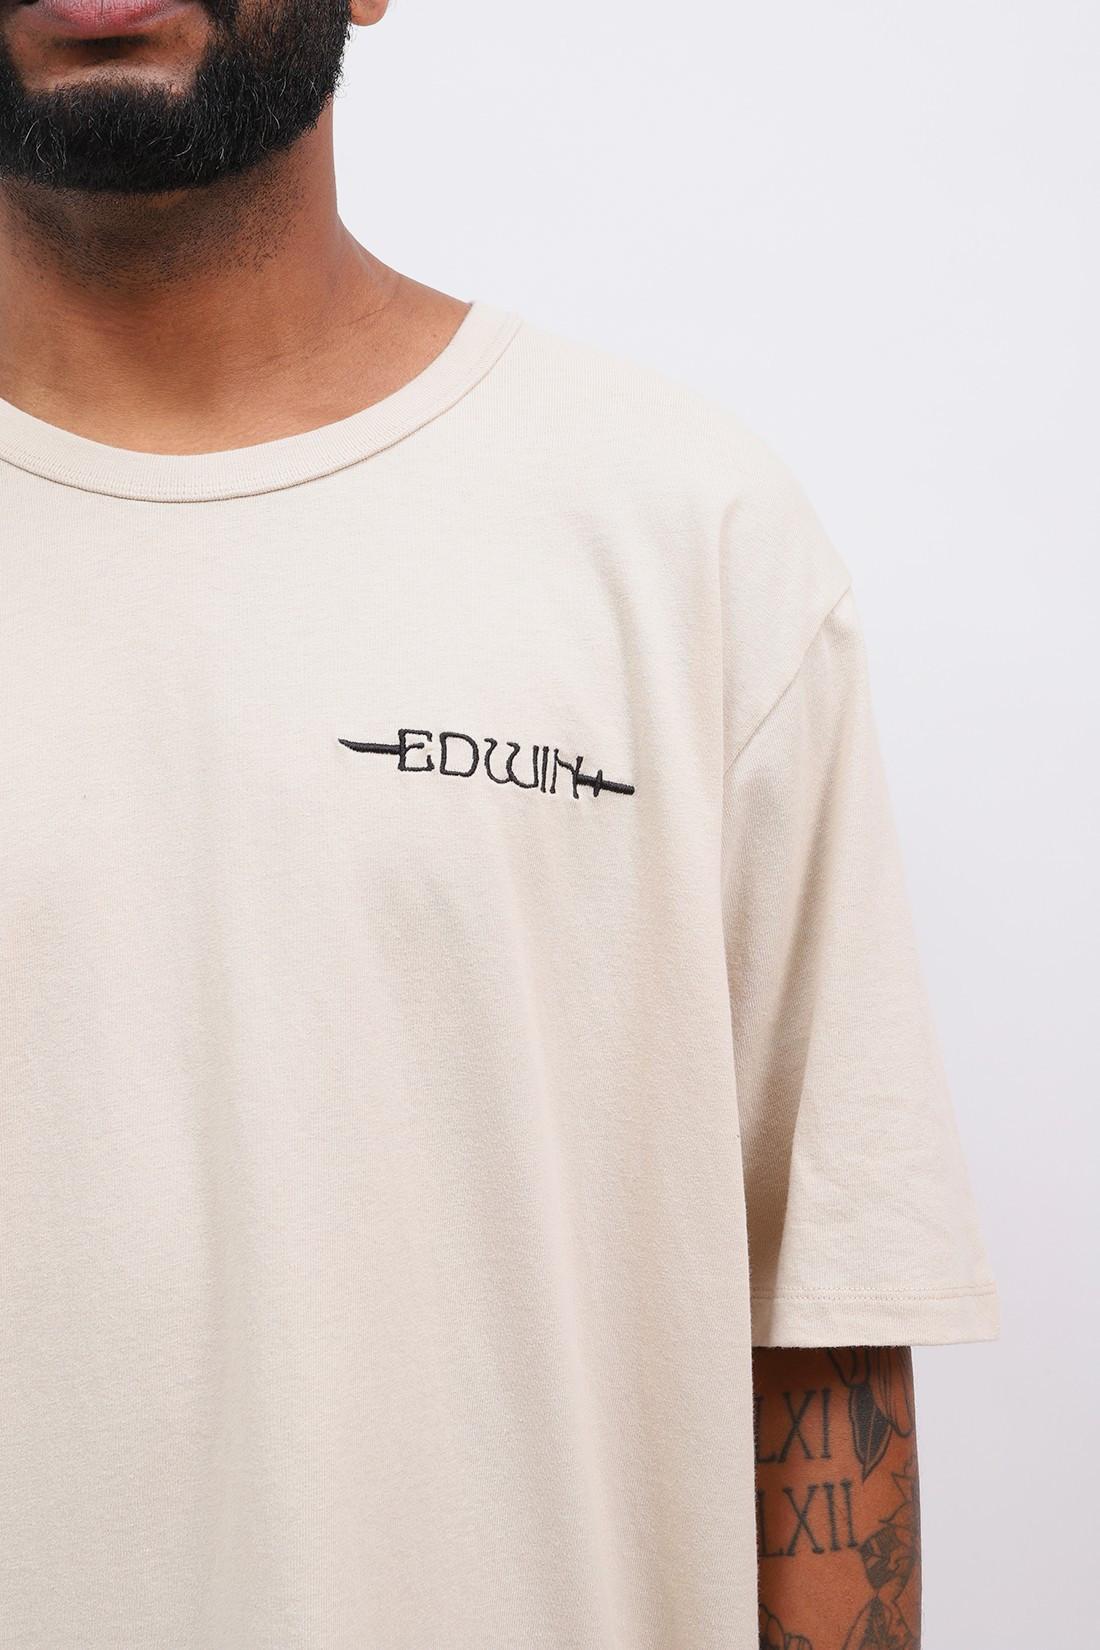 EDWIN / Souvenir from japan tee shirt Pelican